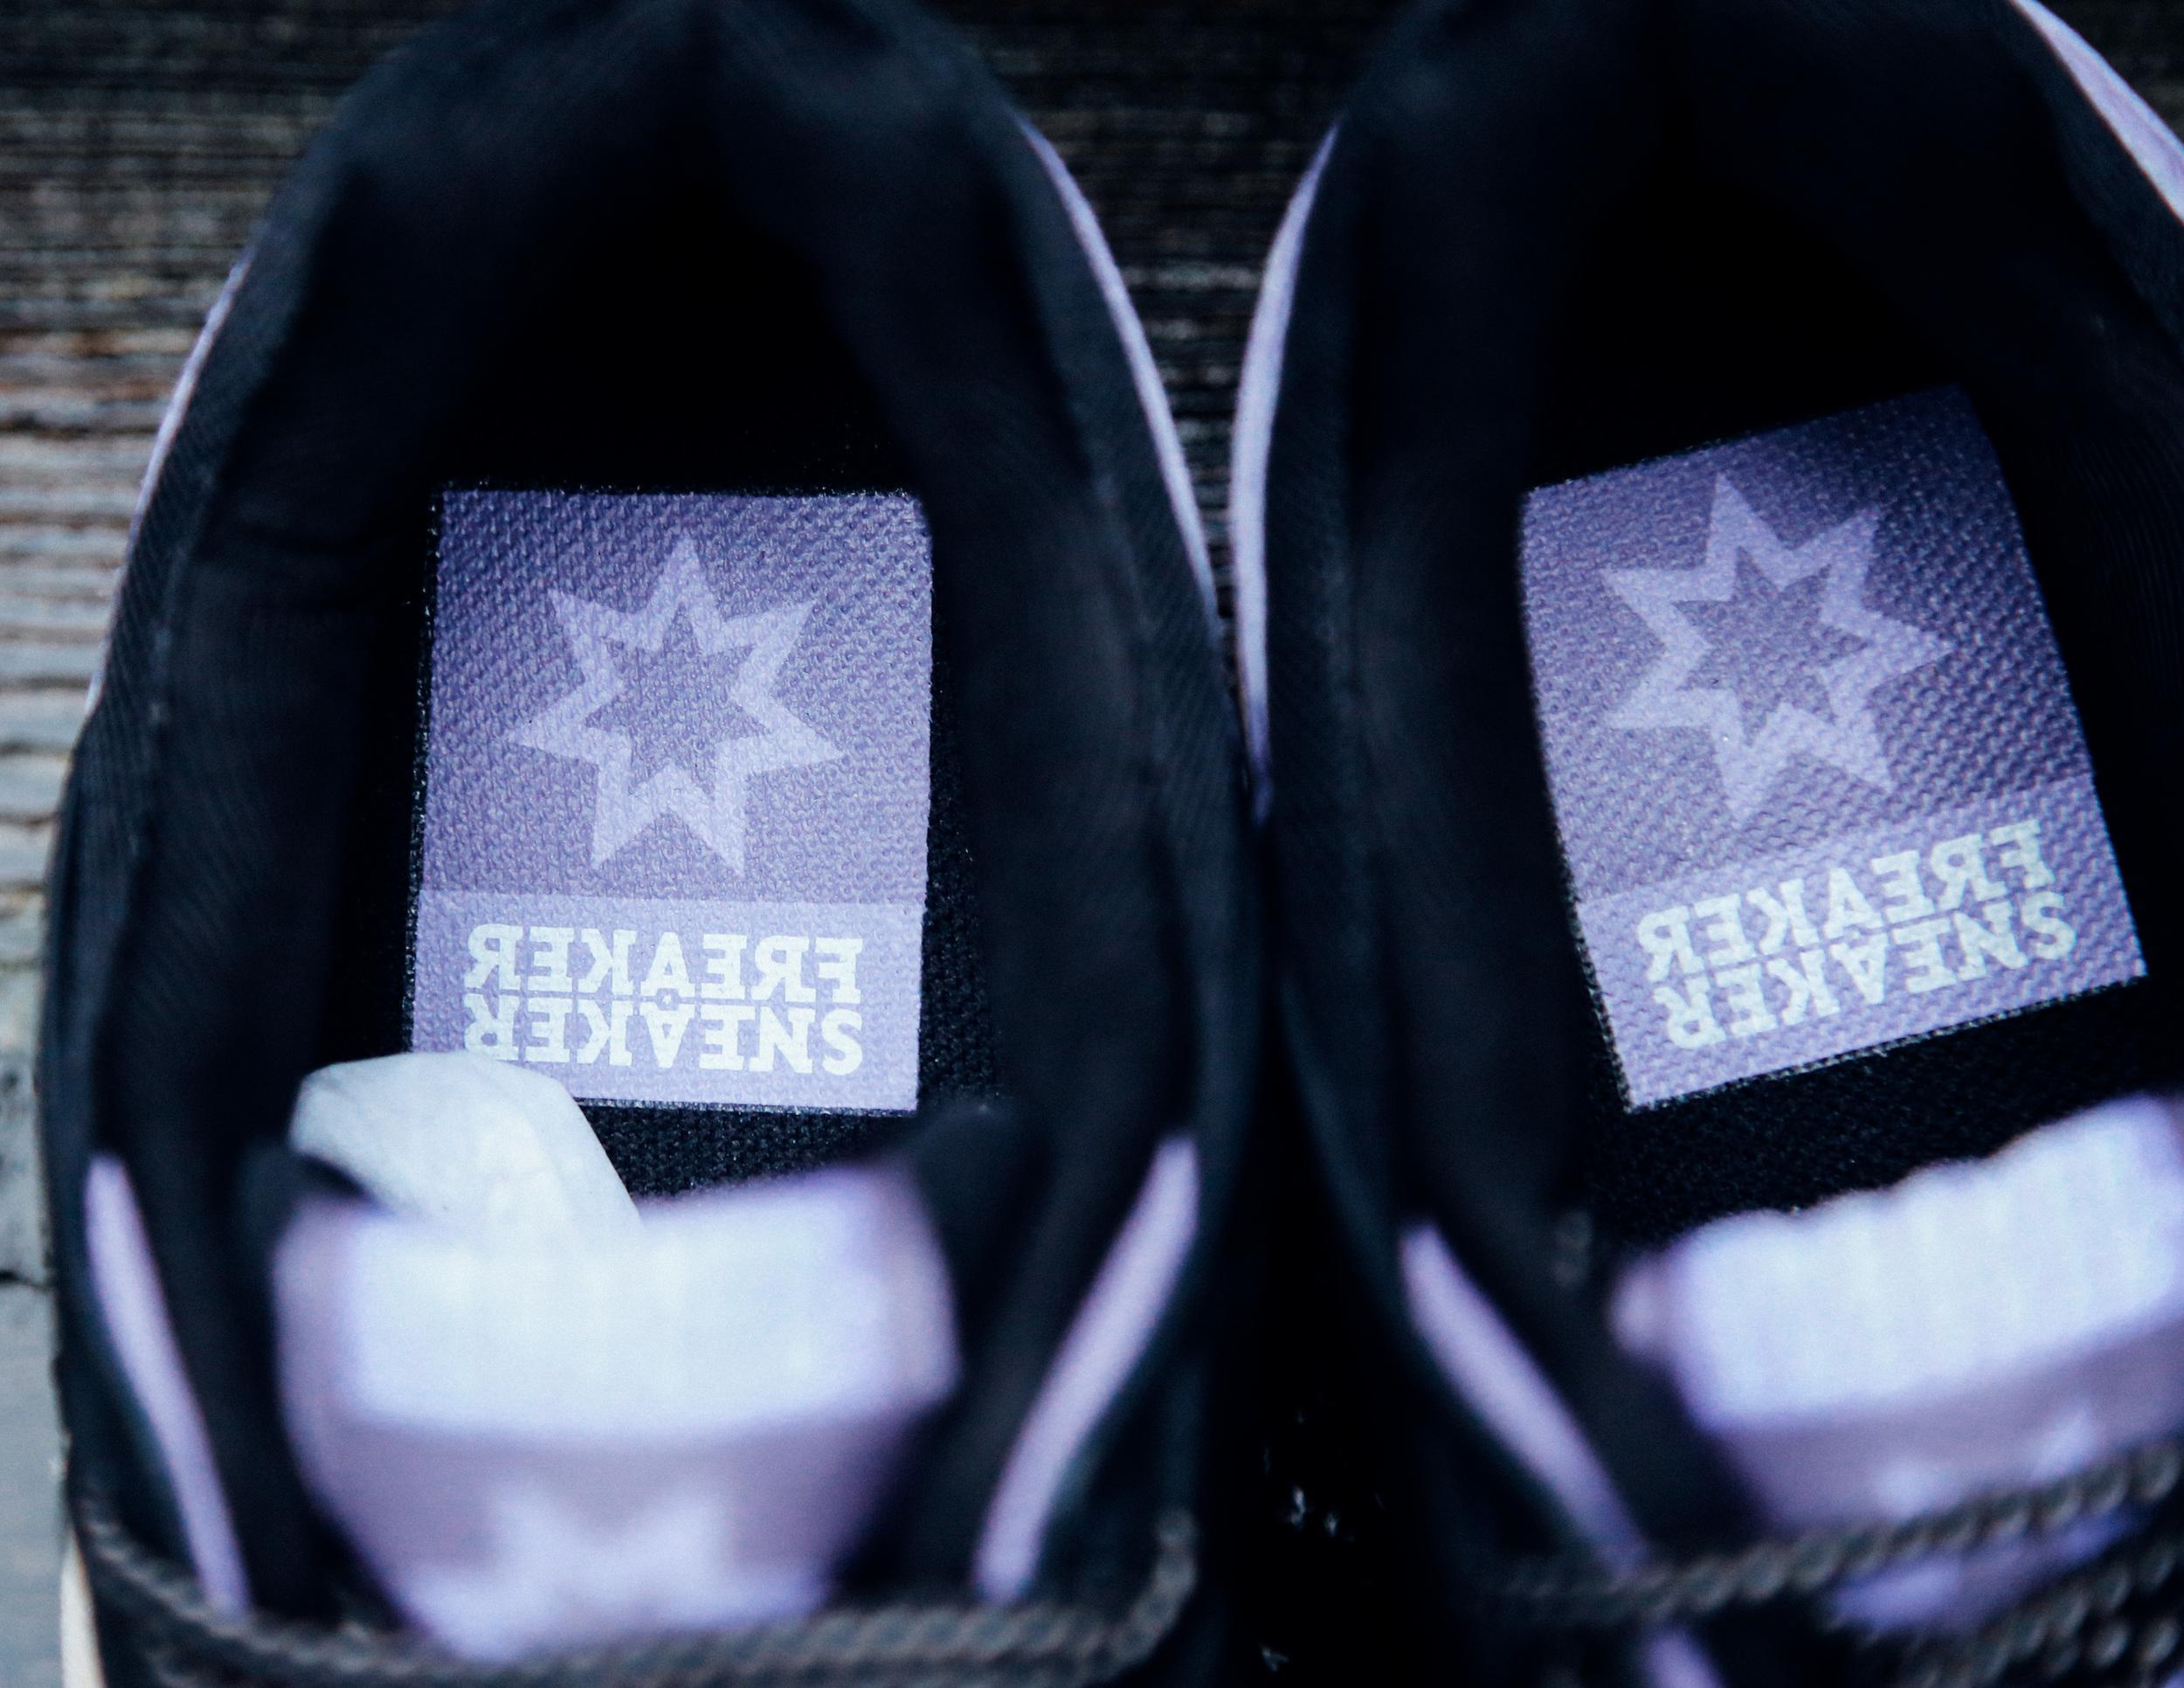 SneakerFreakerMag-Saucony-GRID-SD-KUSHWHACKER-DETAILED-LOOK_4265.jpg